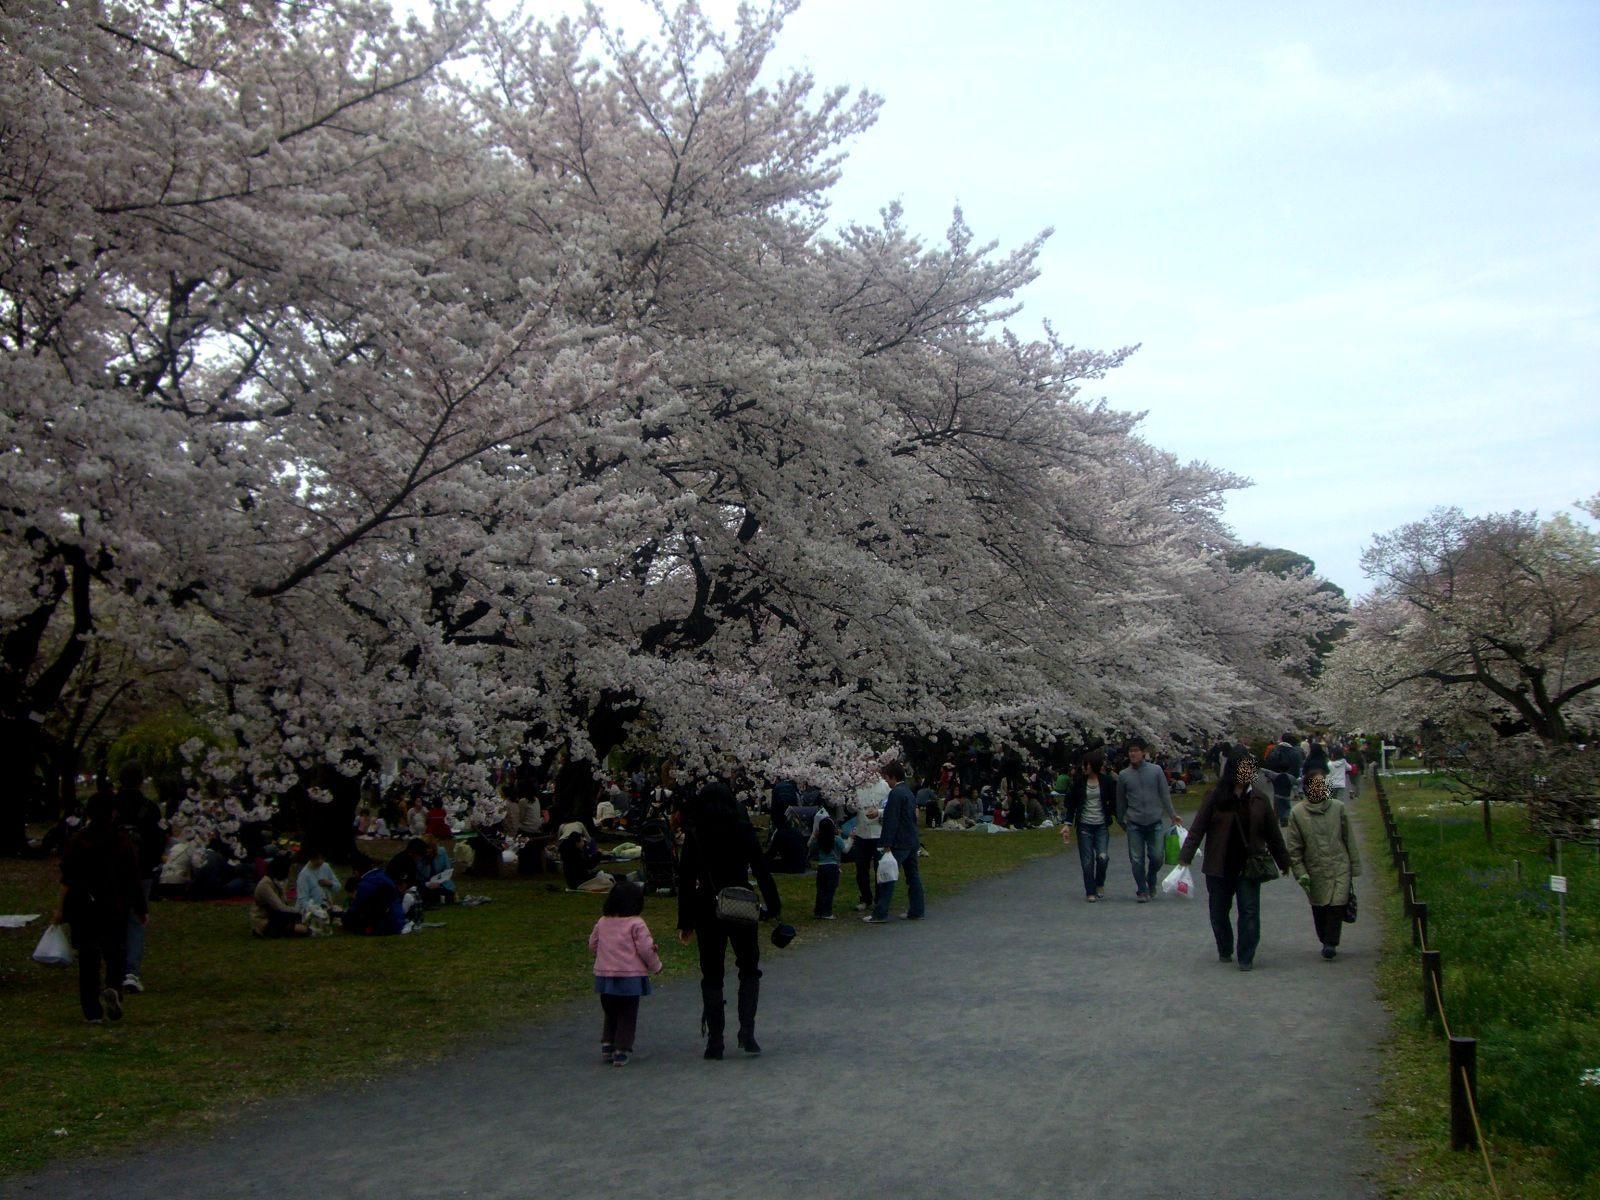 盛开着满满樱花的园内